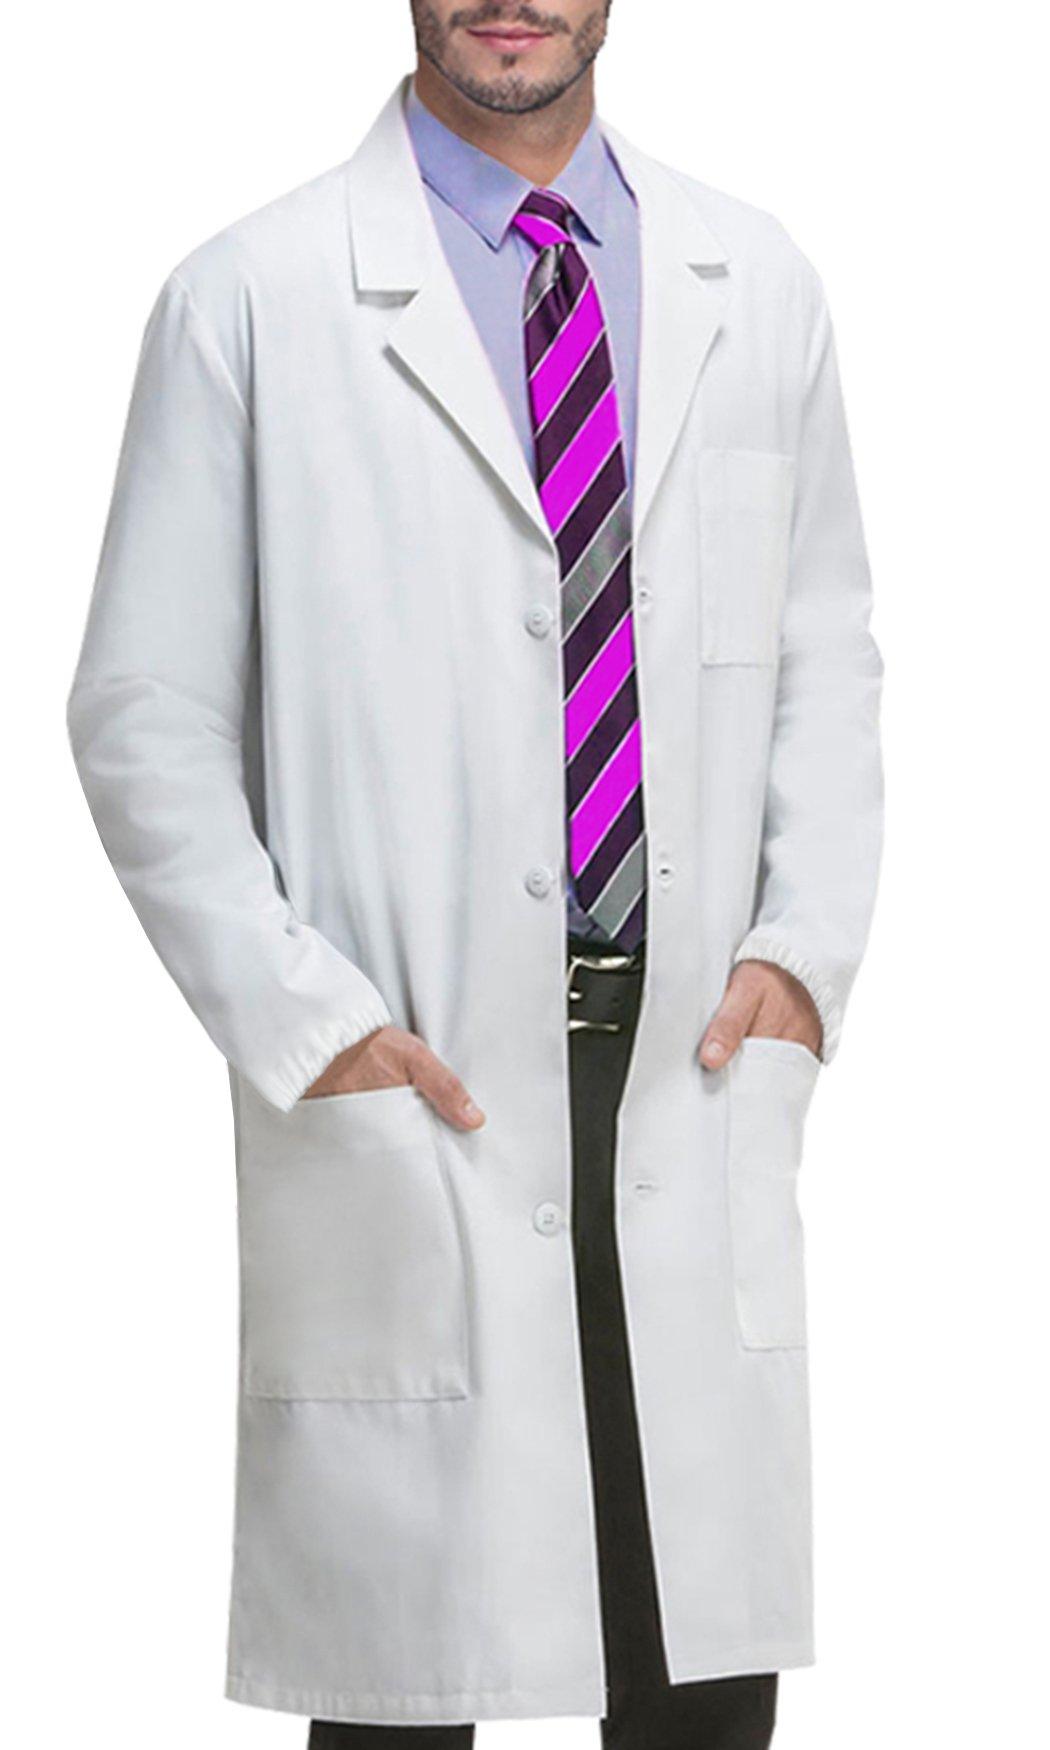 VOGRYE Professional Lab Coat for Women Men Long Sleeve, White, Unisex. (L, White1)